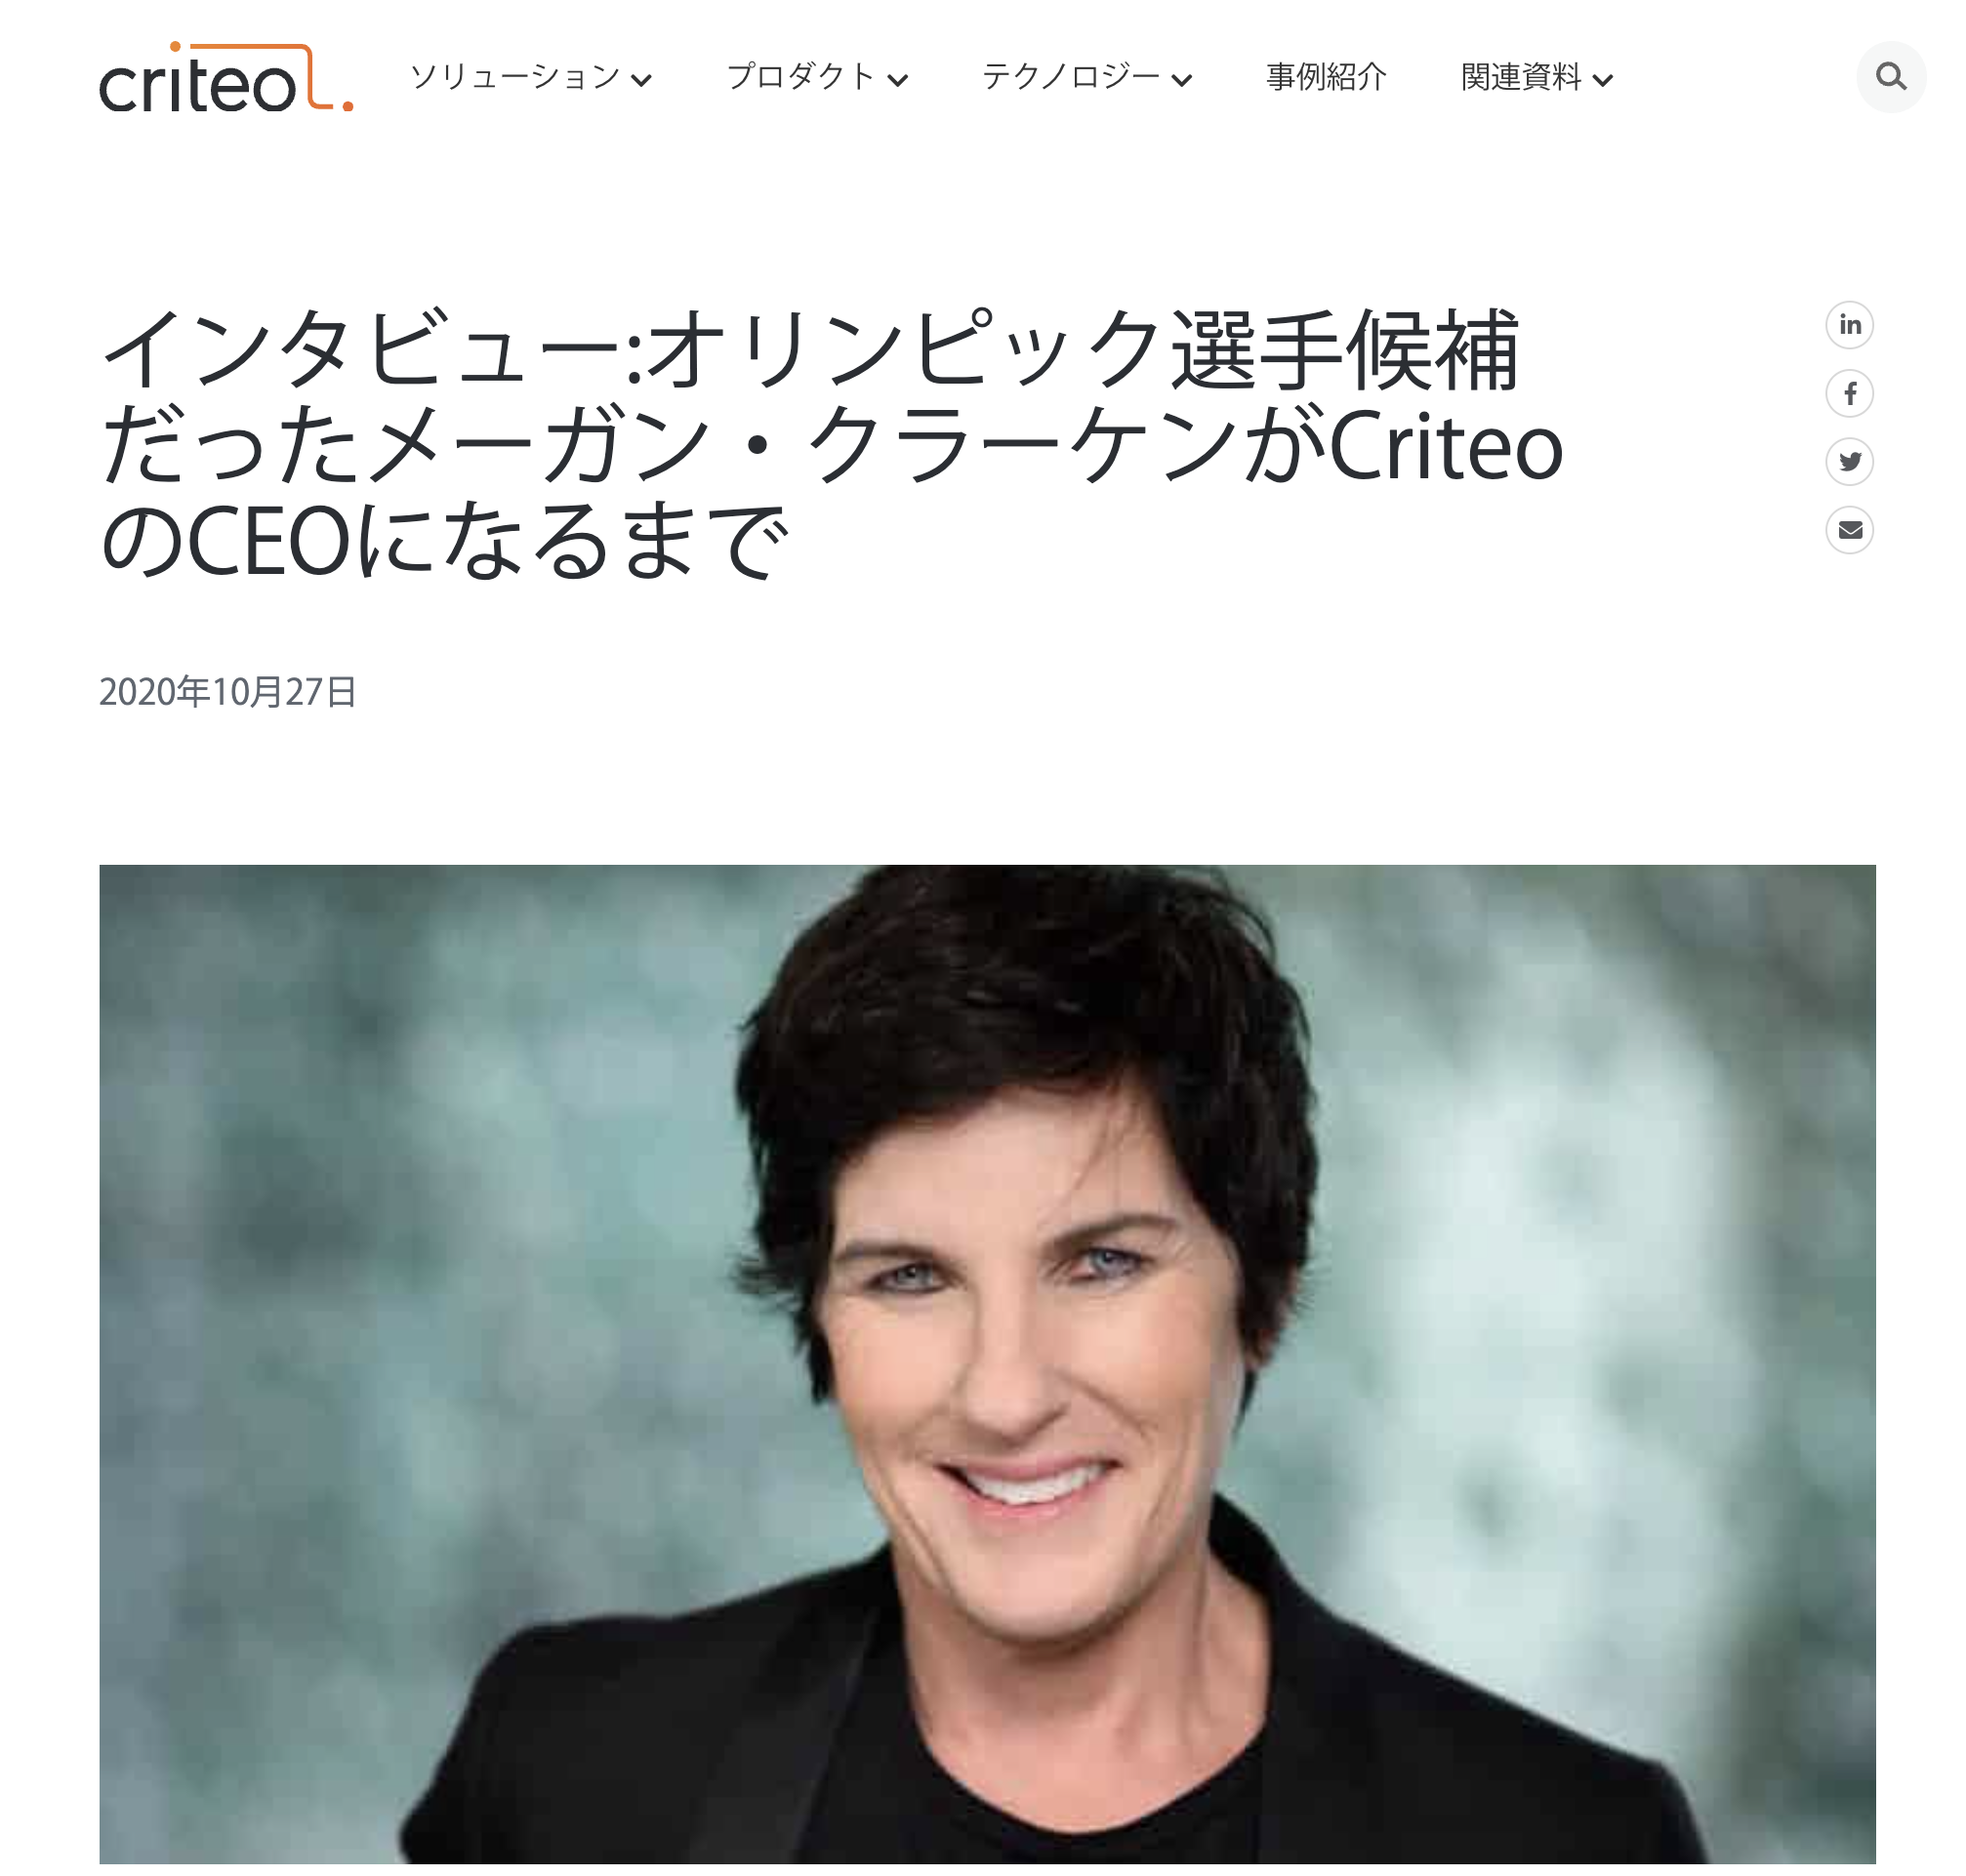 株式会社Criteo様 【和訳】Criteo CEO インタビュー記事の和訳(要訳)